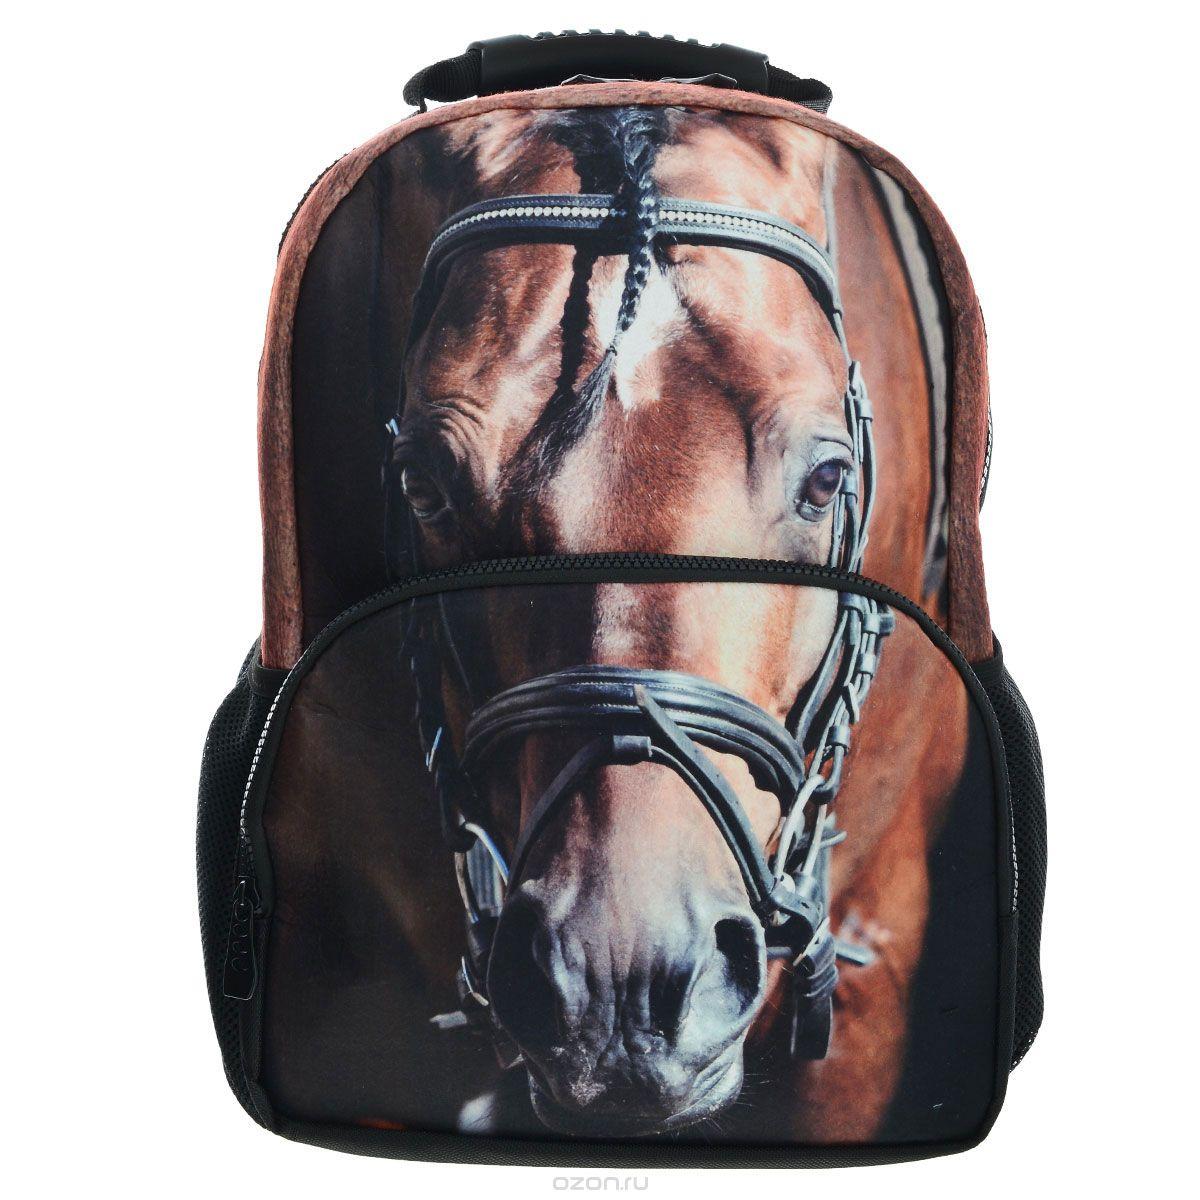 Рюкзак школьный Trend Line Horse, цвет: черный. NR_00058NR_00058Стильный школьный рюкзак Trend Line выполнен из полиэстера, дополнен вставкой из флиса, которая оформлена художественной печатью с изображением Horse. Рюкзак имеет одно основное отделение, закрывающееся на застежку-молнию. Снаружи, на лицевой стороне, рюкзака размещен накладной карман на молнии, внутри которого предусмотрен еще один накладной карман на липучке. С двух сторон изделия расположены два накладных сетчатых кармашка. В верхней части изделия предусмотрена эргономичная ручка для переноски, а также предусмотрены регулируемые лямки. Такой рюкзак станет незаменимым спутником вашего ребенка в походах за знаниями.